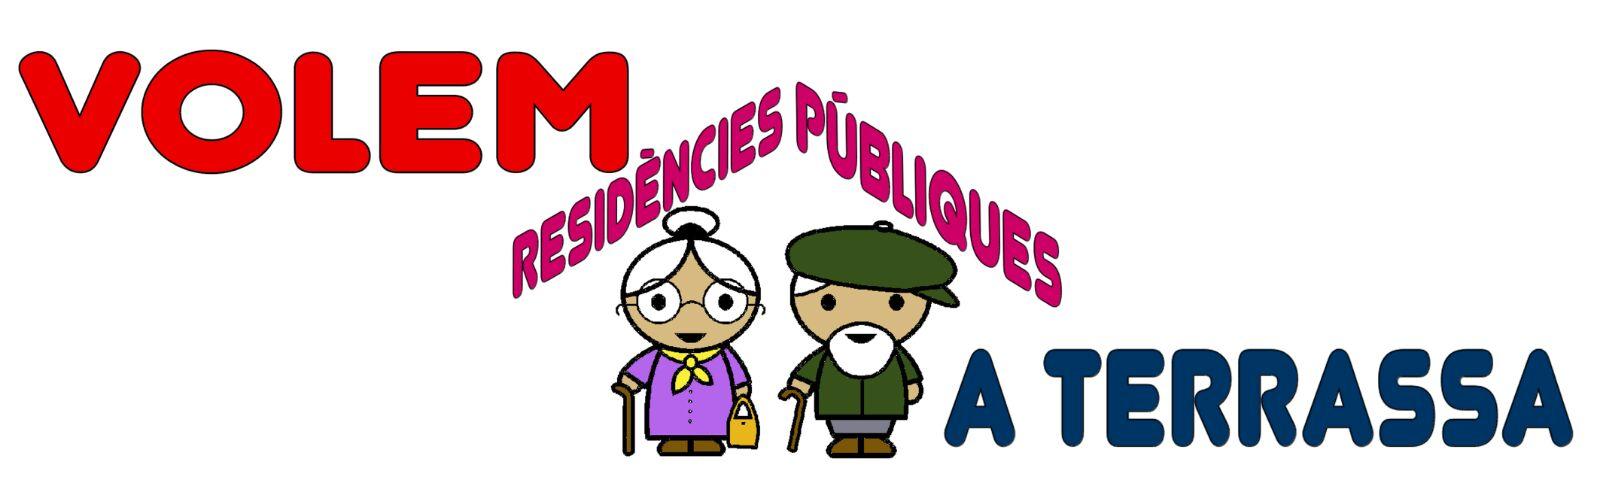 Reunió Comissió Residències Públiques